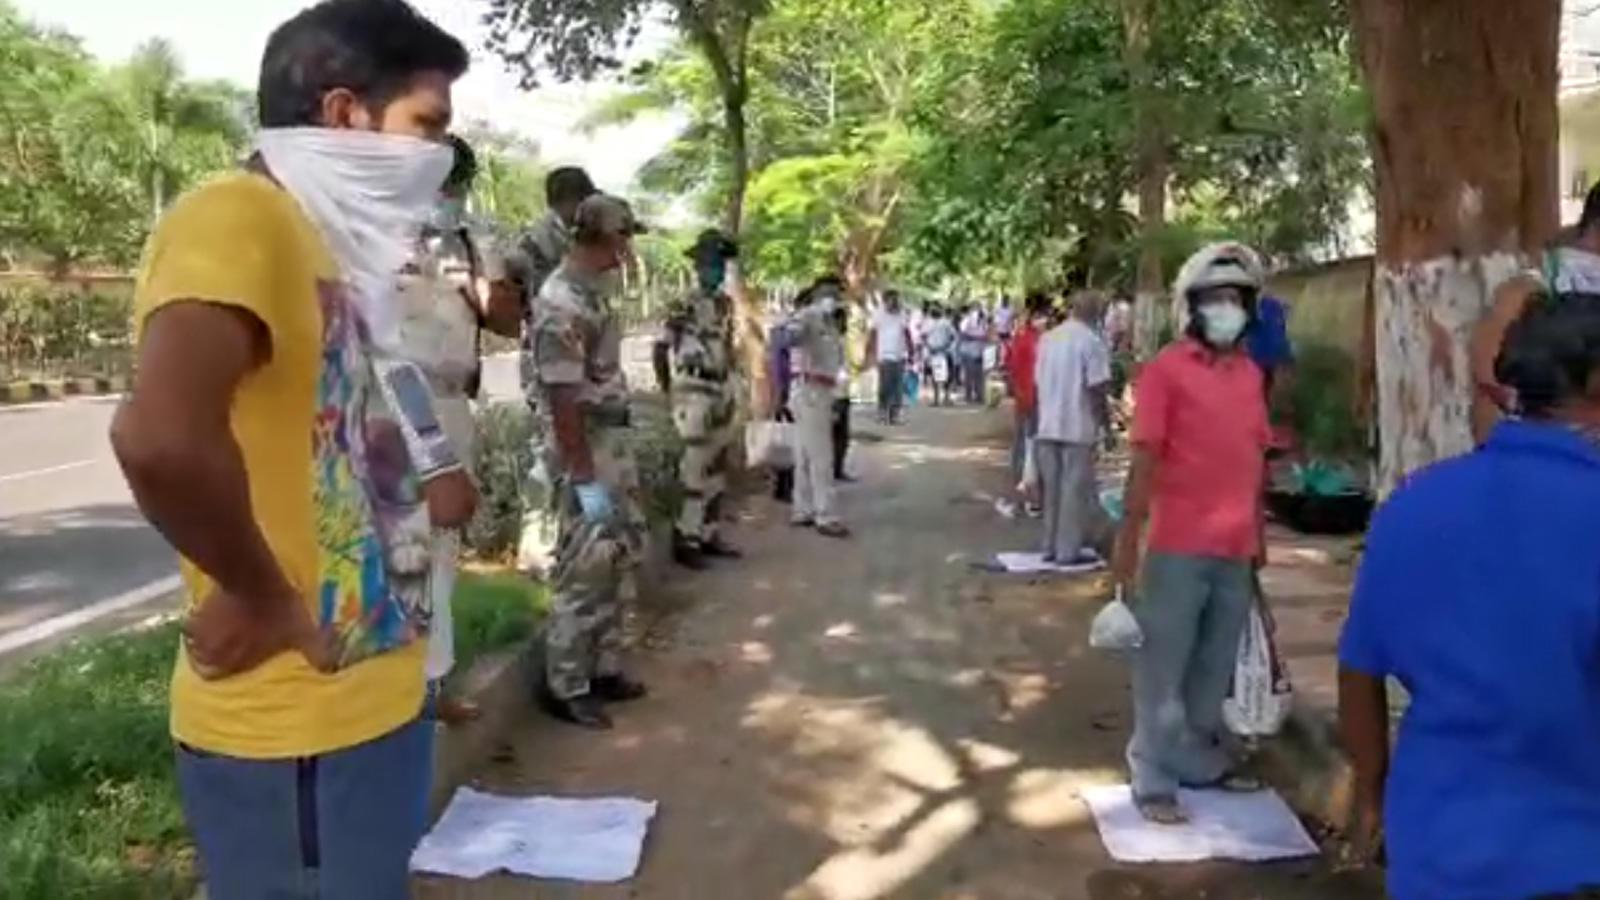 coronavirus-outbreak-people-flock-to-buy-fish-in-bhubaneswar-amid-lockdown